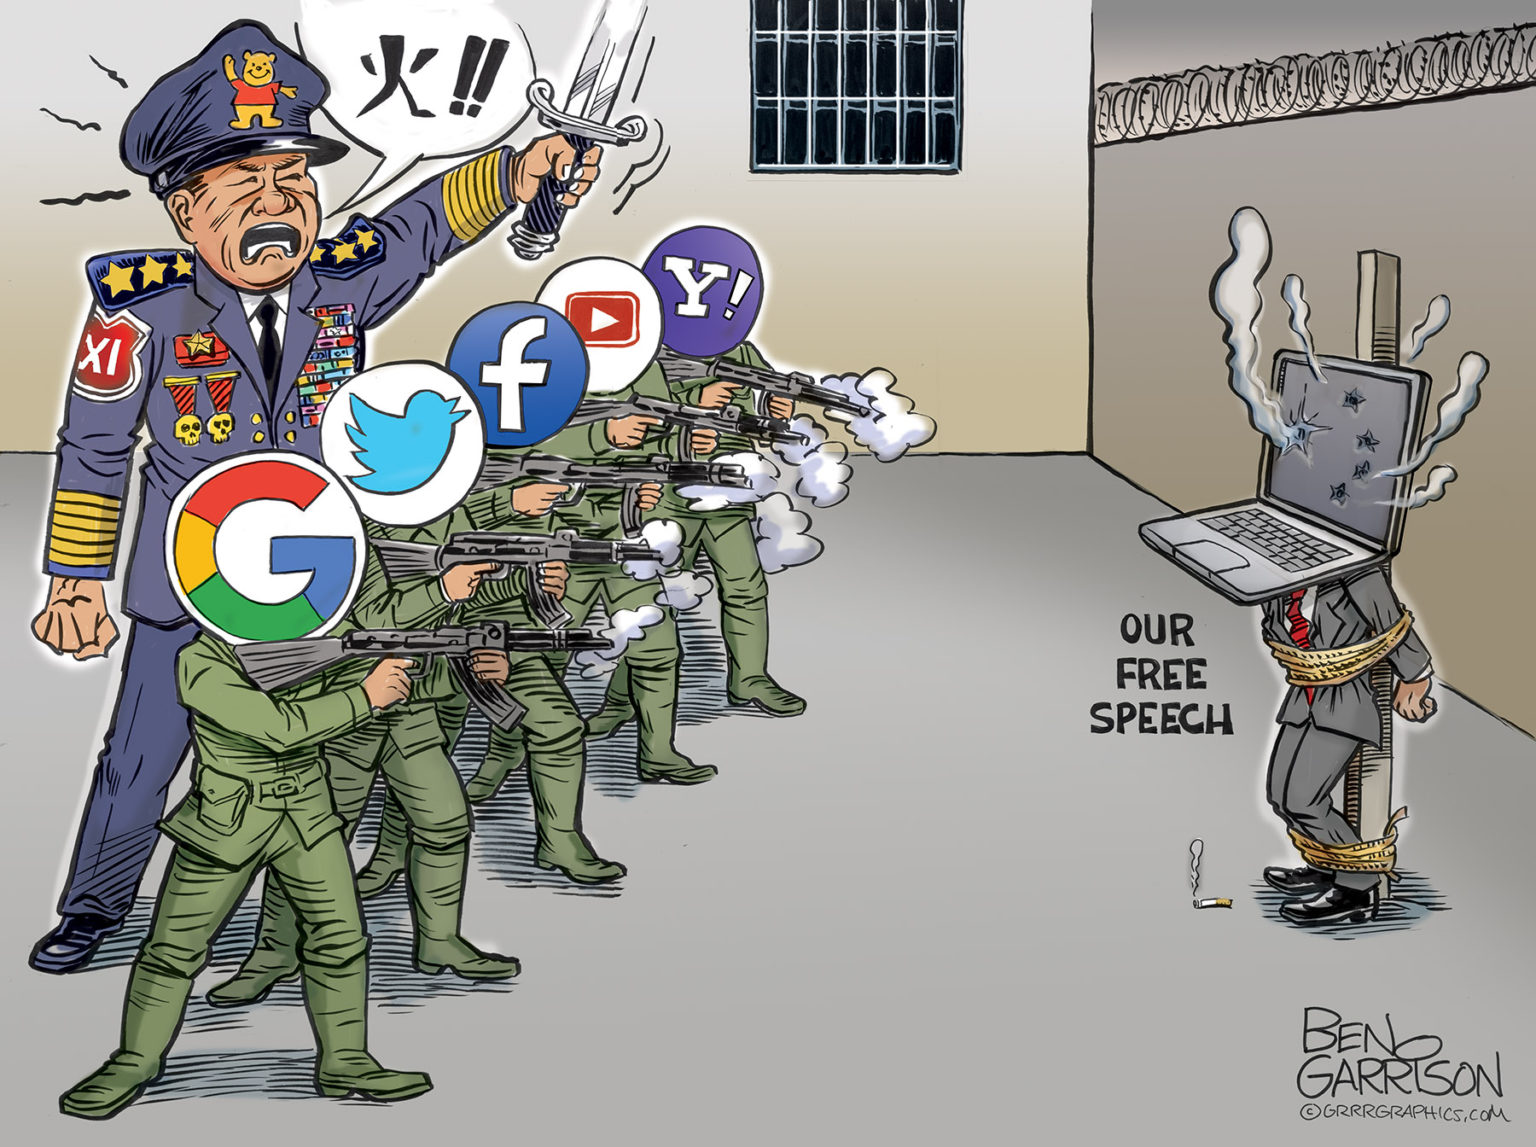 https://grrrgraphics.com/wp-content/uploads/2020/10/free_speech_execution-1536x1147.jpg